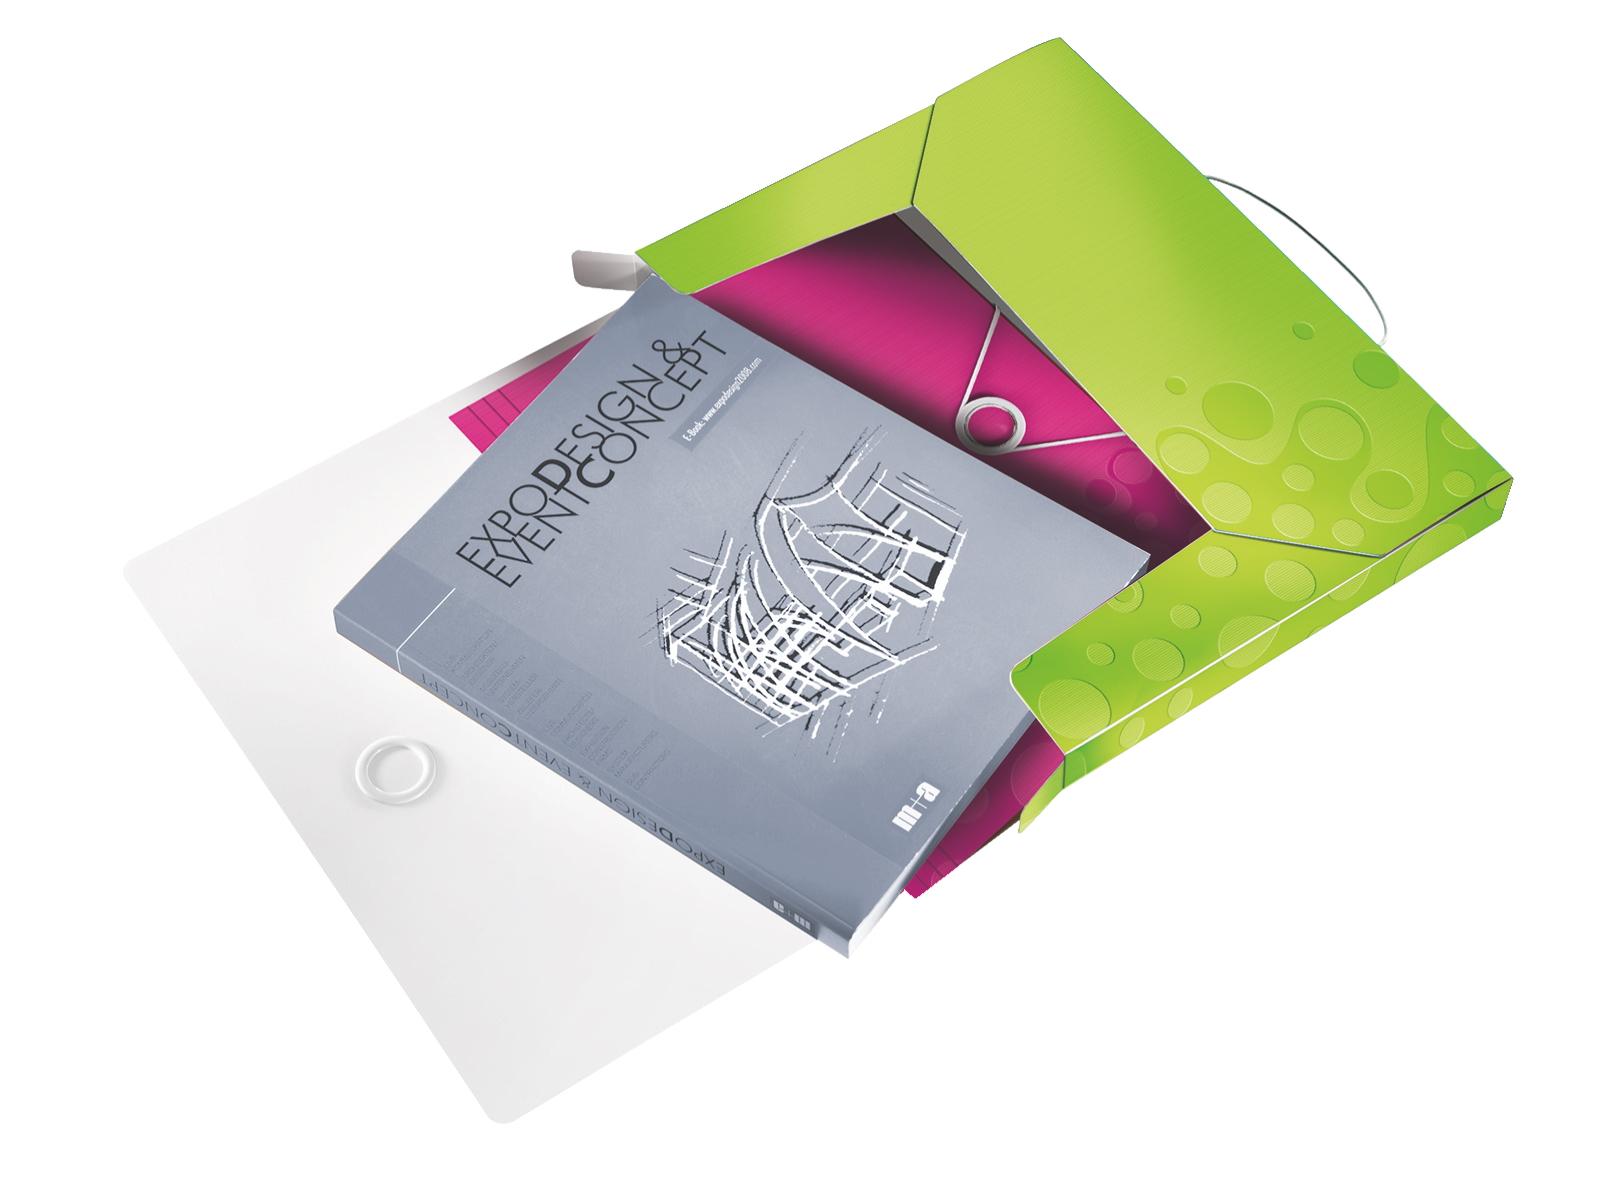 Папка-бокс на резинках Wow А4, 30мм., до 250л., пластик, метал. зелен. LEITZ - фото 2